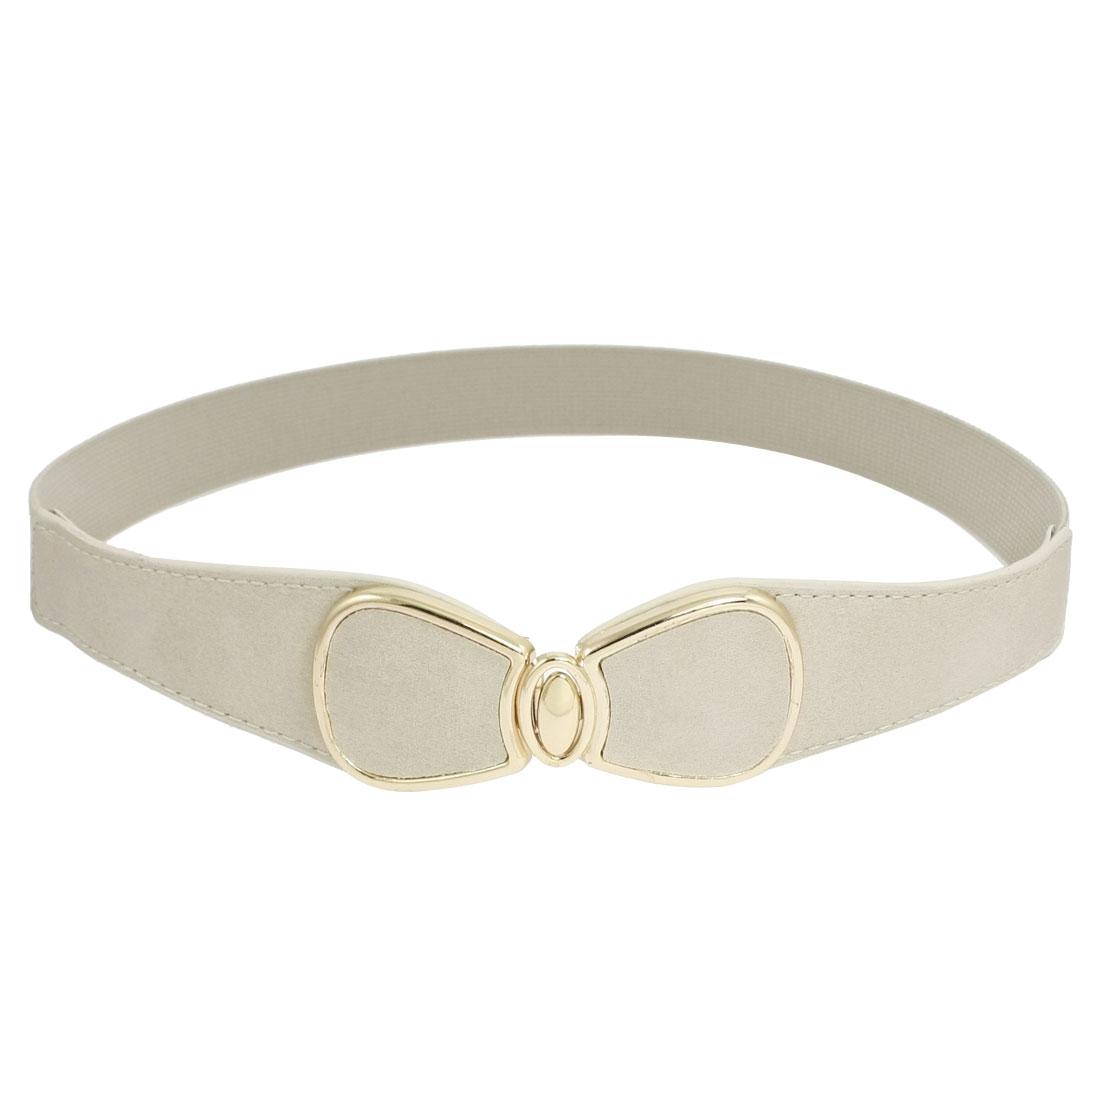 Ladies Bow Tie Interlocking Buckle Beige Stretch Cinch Waist Belt